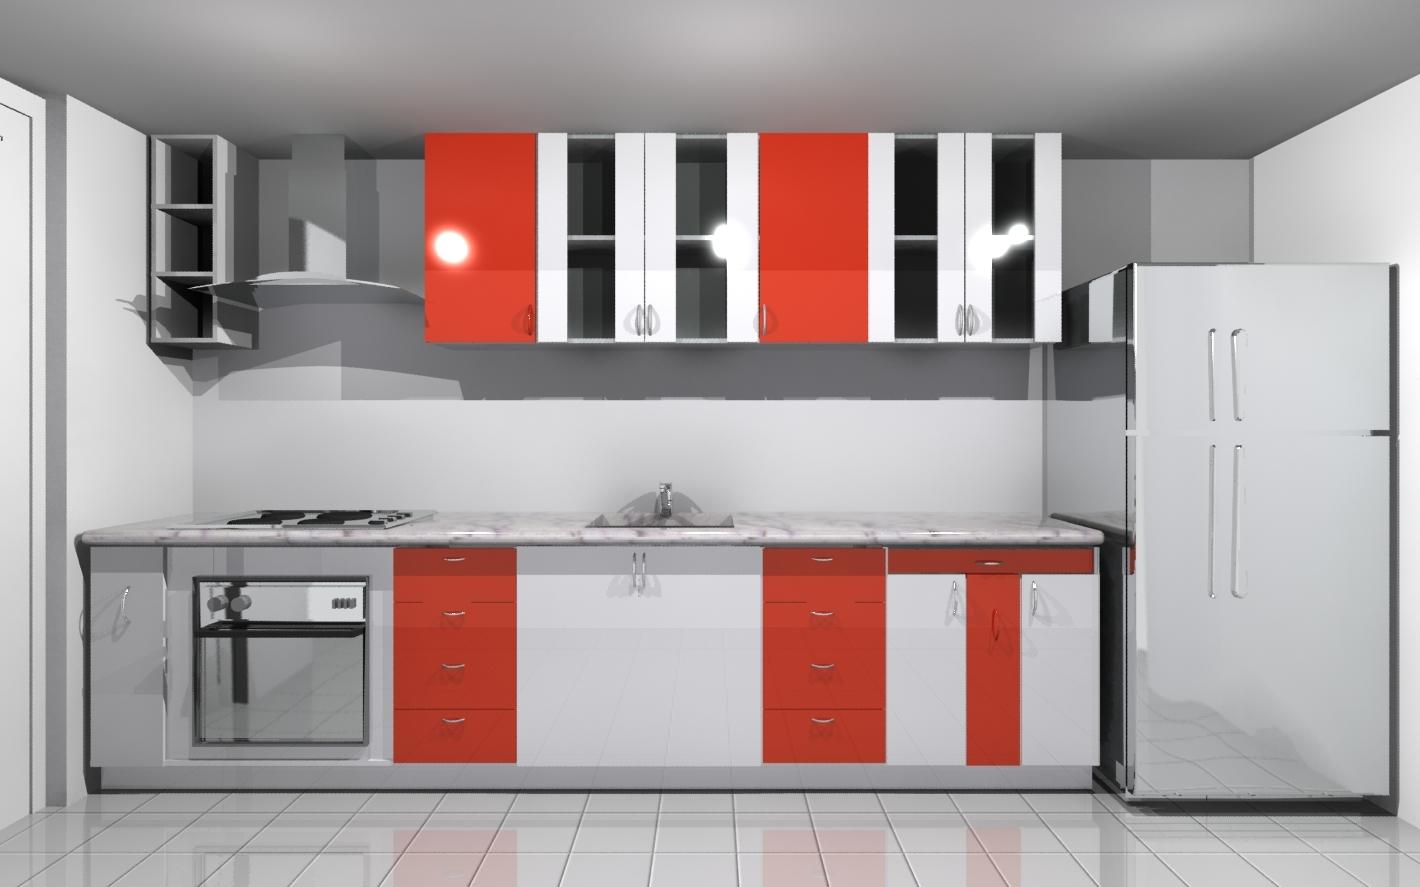 Area de Funcionabilidad Cocina  Lavadero  Refrigeradora